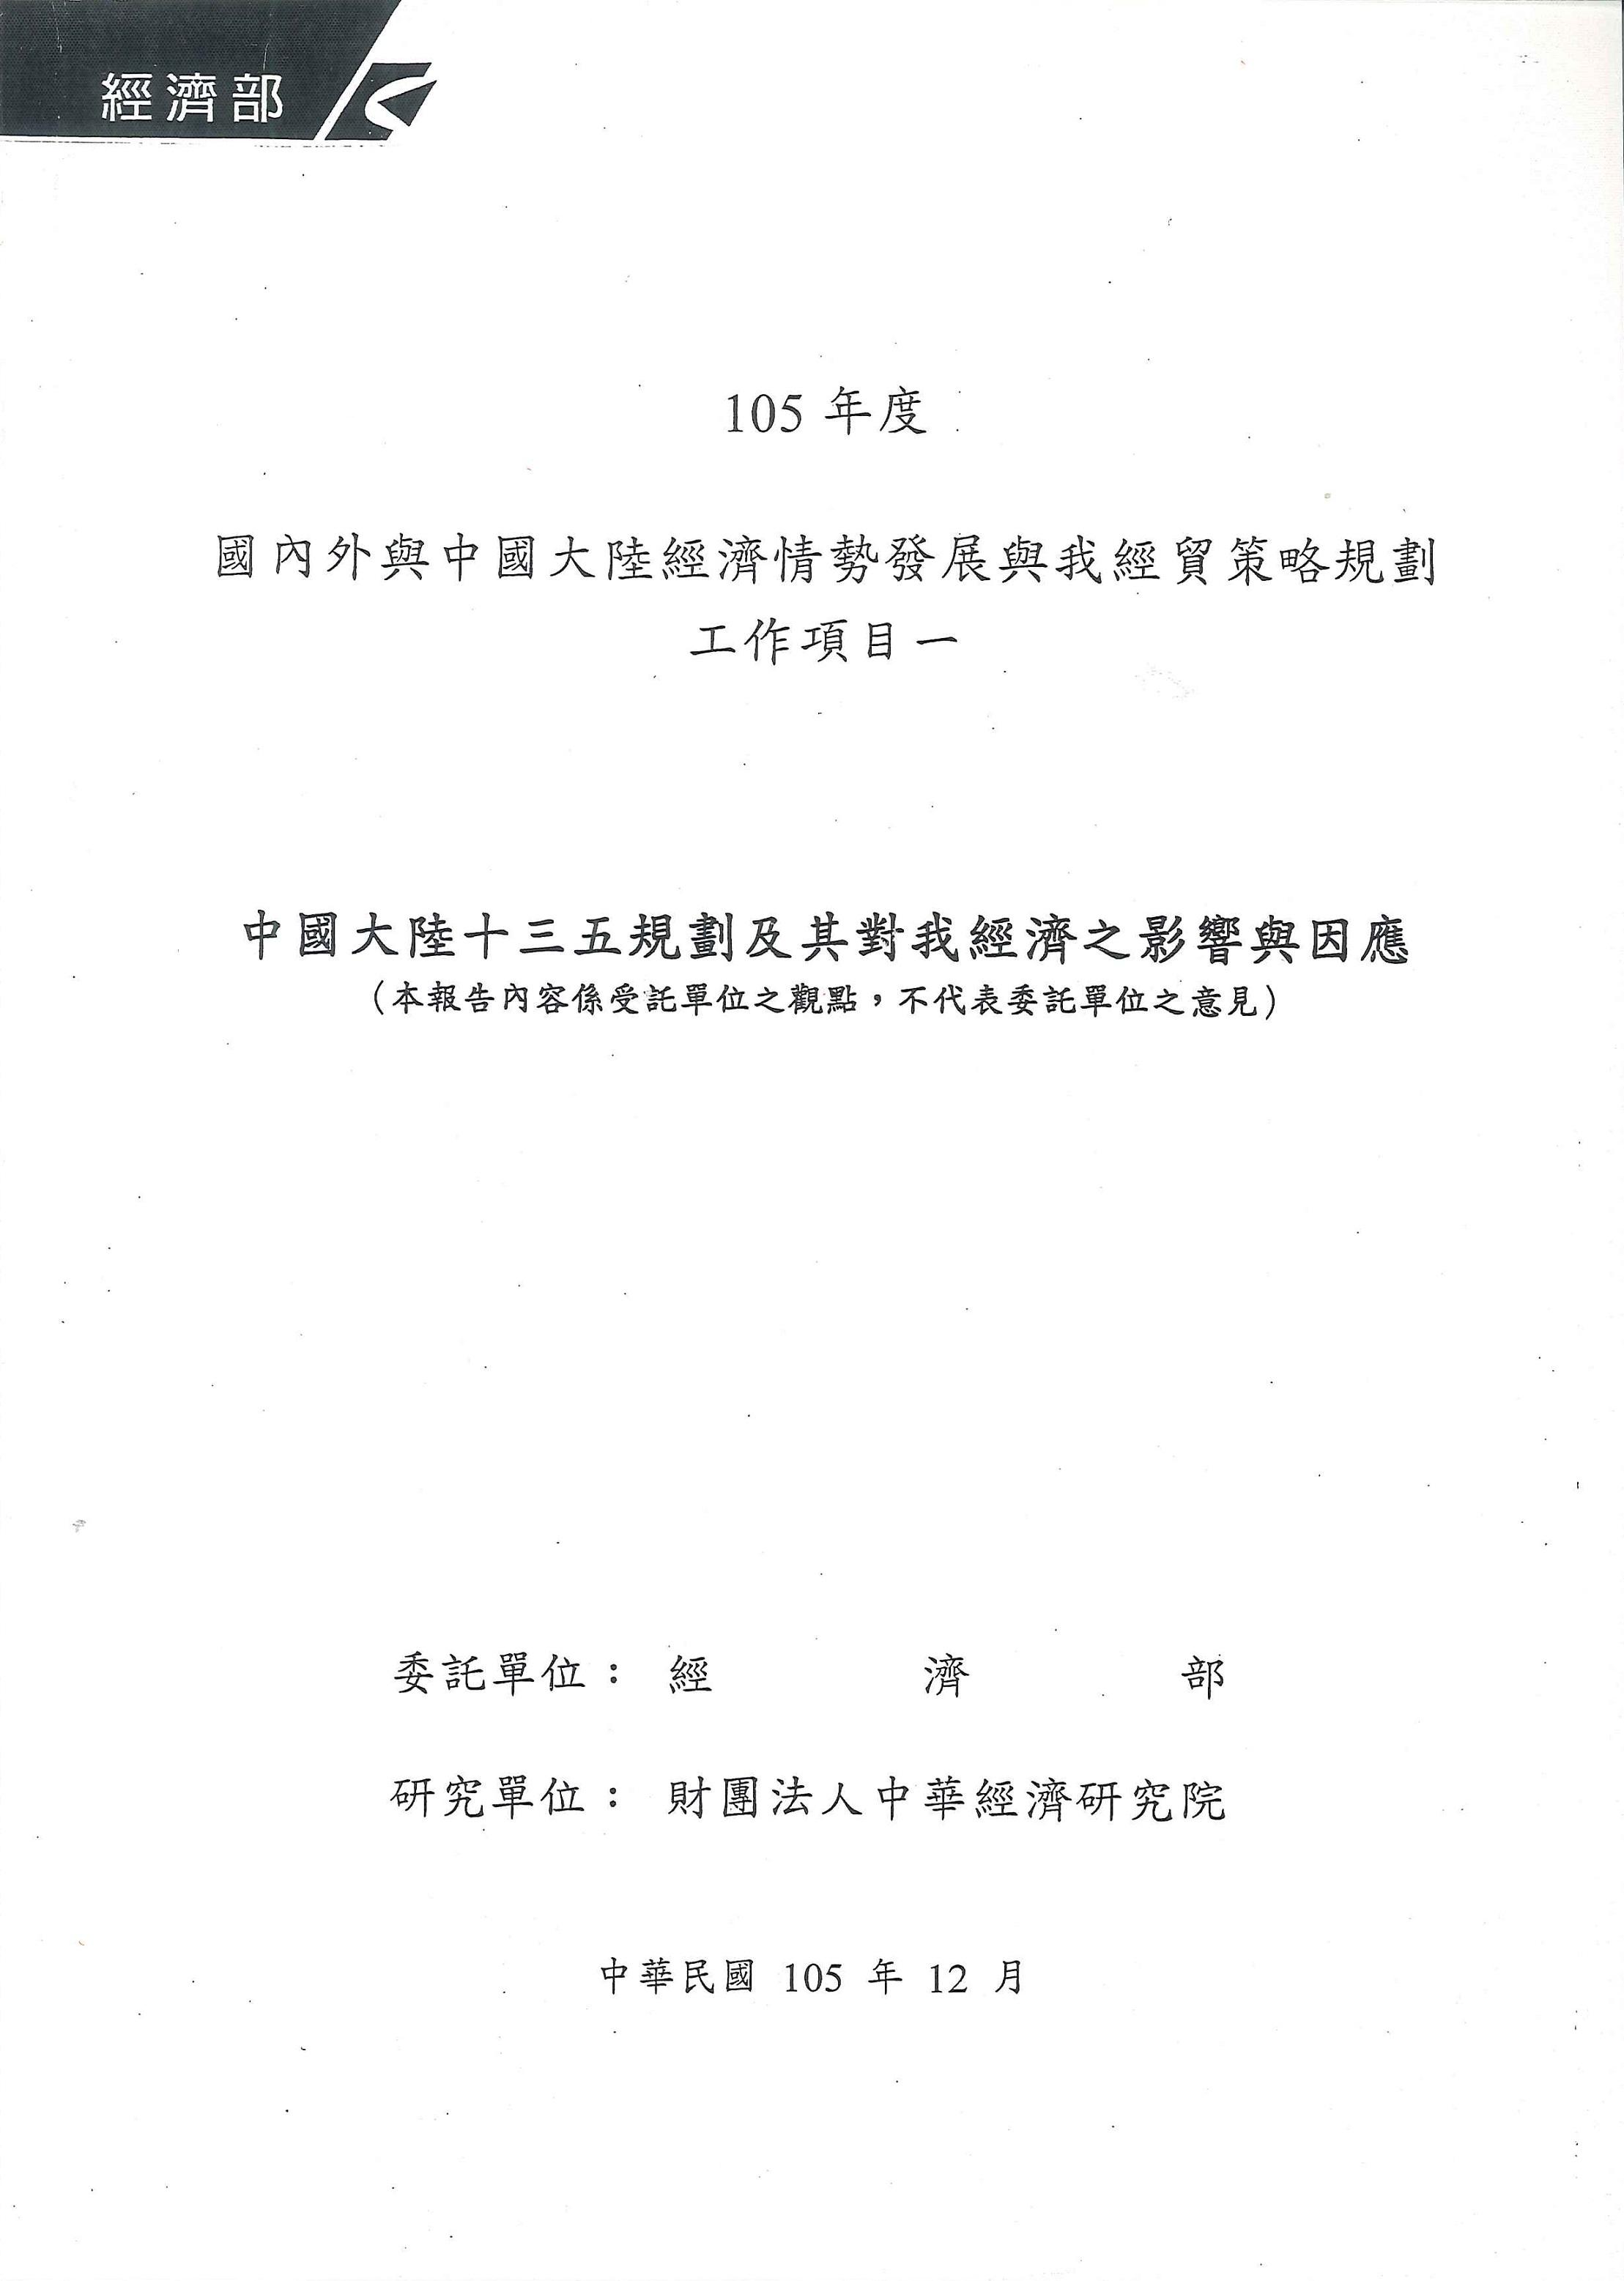 中國大陸十三五規劃及其對我經濟之影響與因應